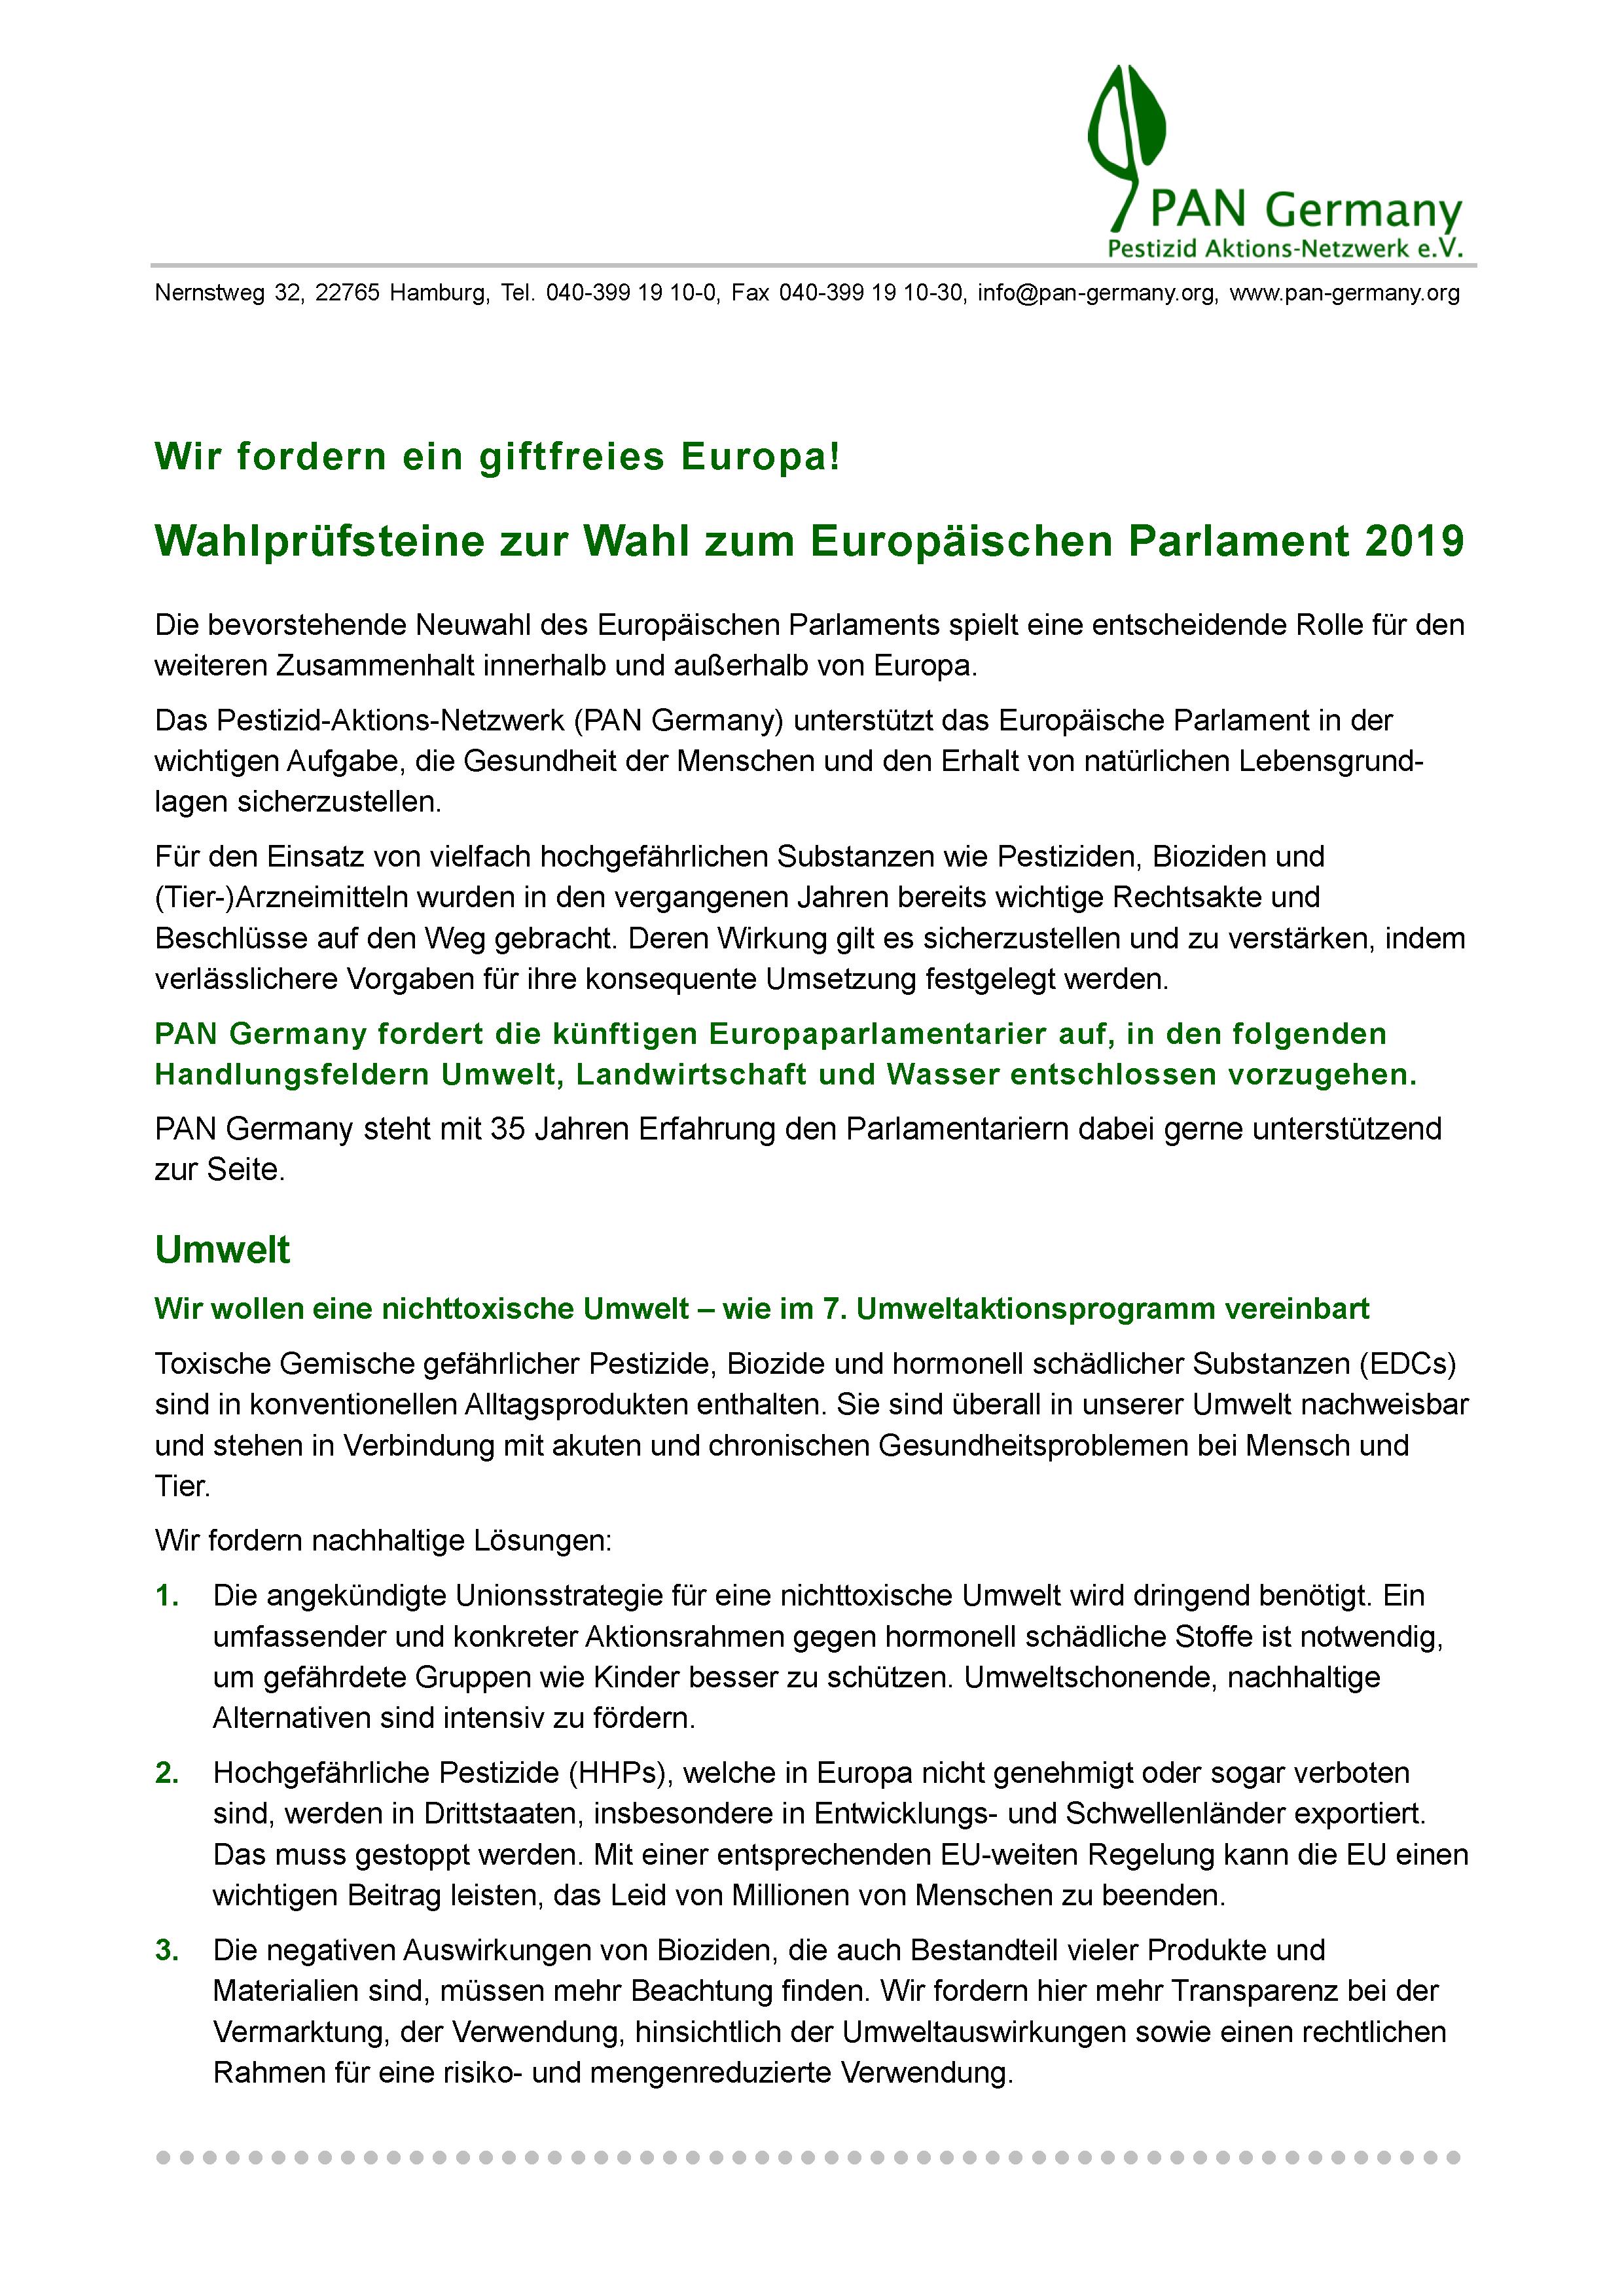 PAN Germany Wahlprüfsteine 2019